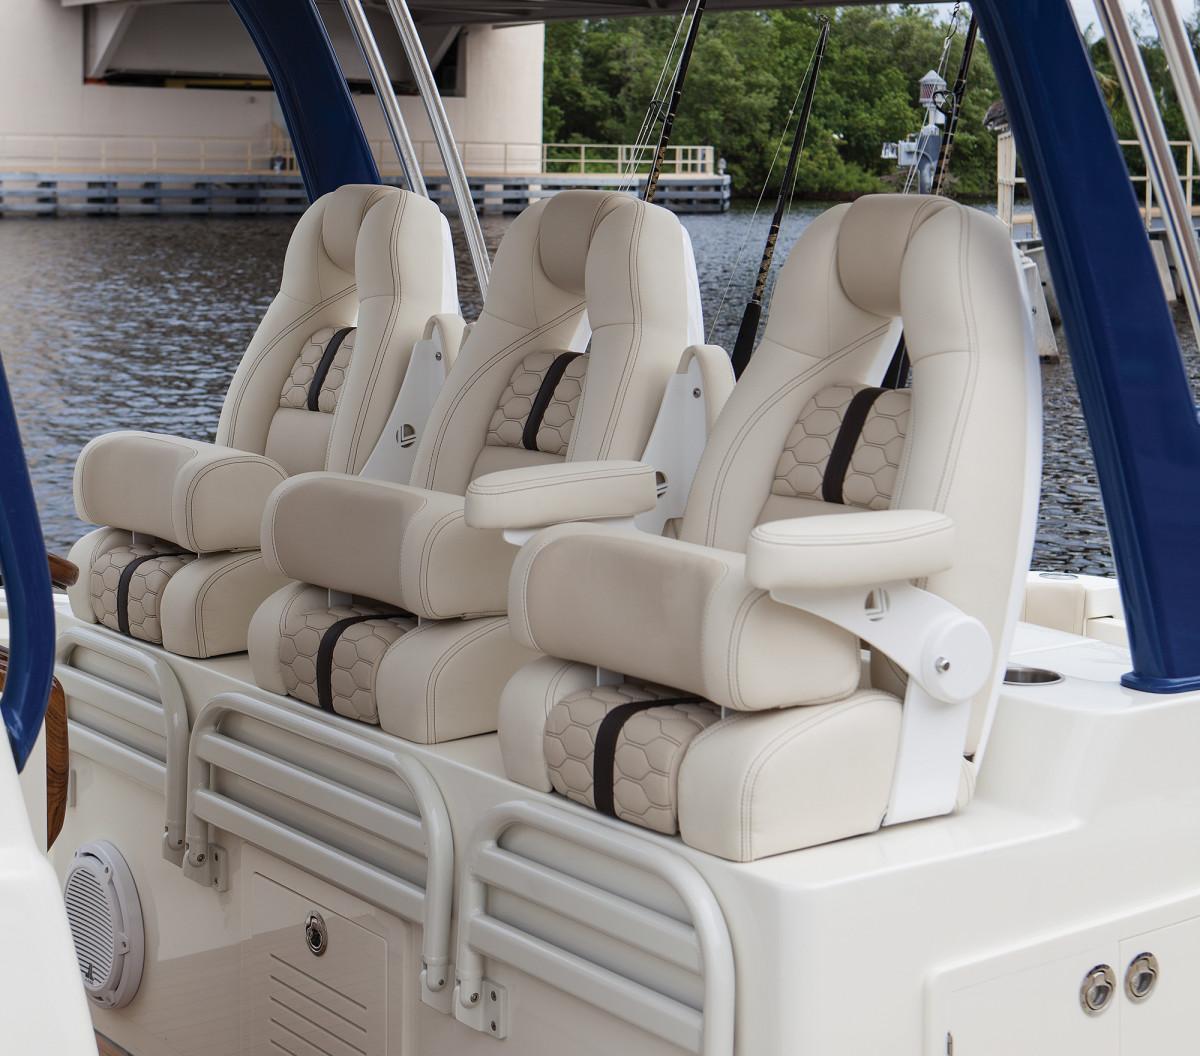 trip-seats